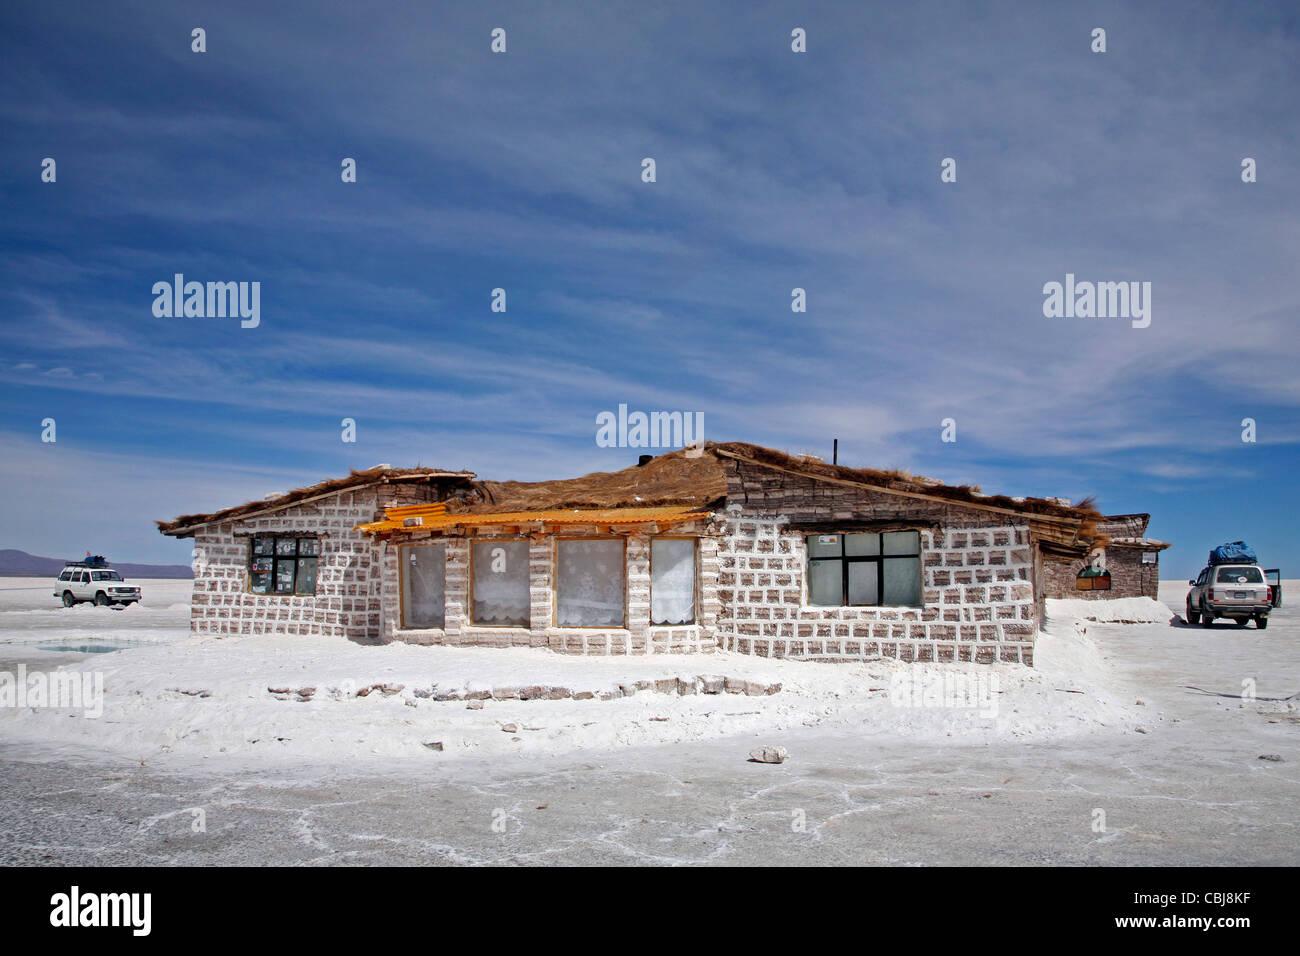 Hotel de Sal para turistas en medio del salar el Salar de Uyuni, el Altiplano de Bolivia Imagen De Stock